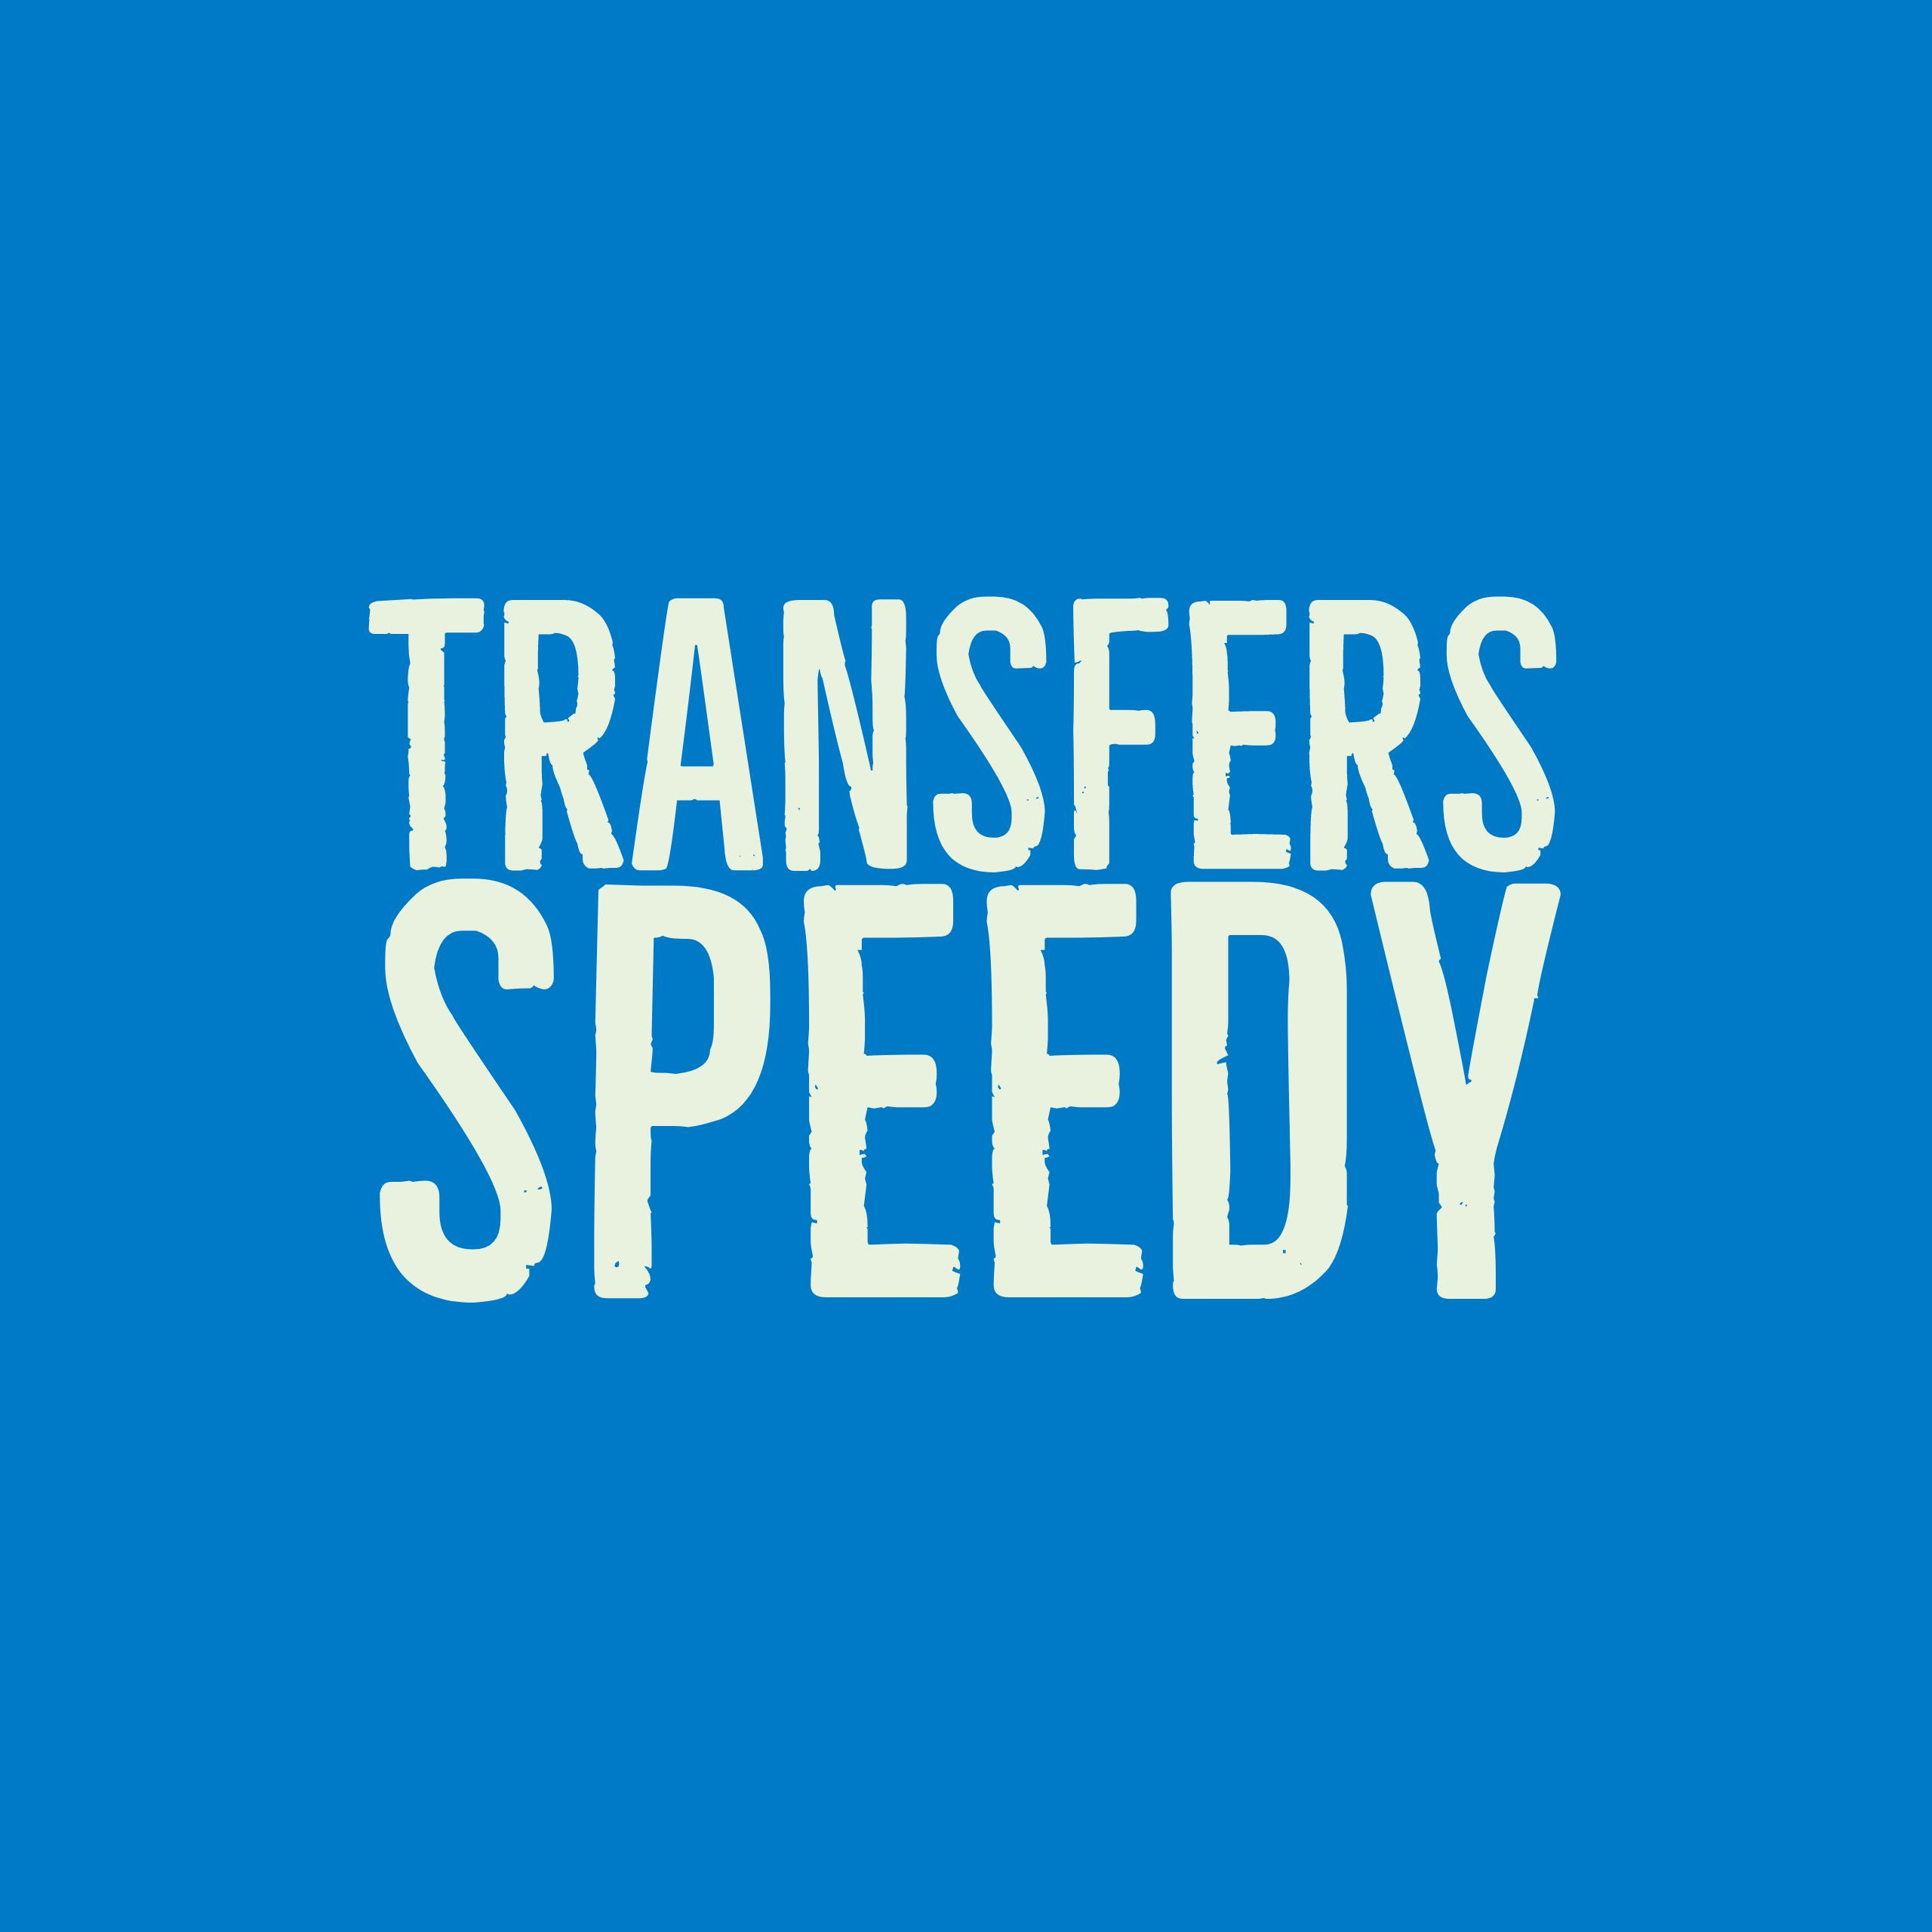 TRANSFERS SPEEDY